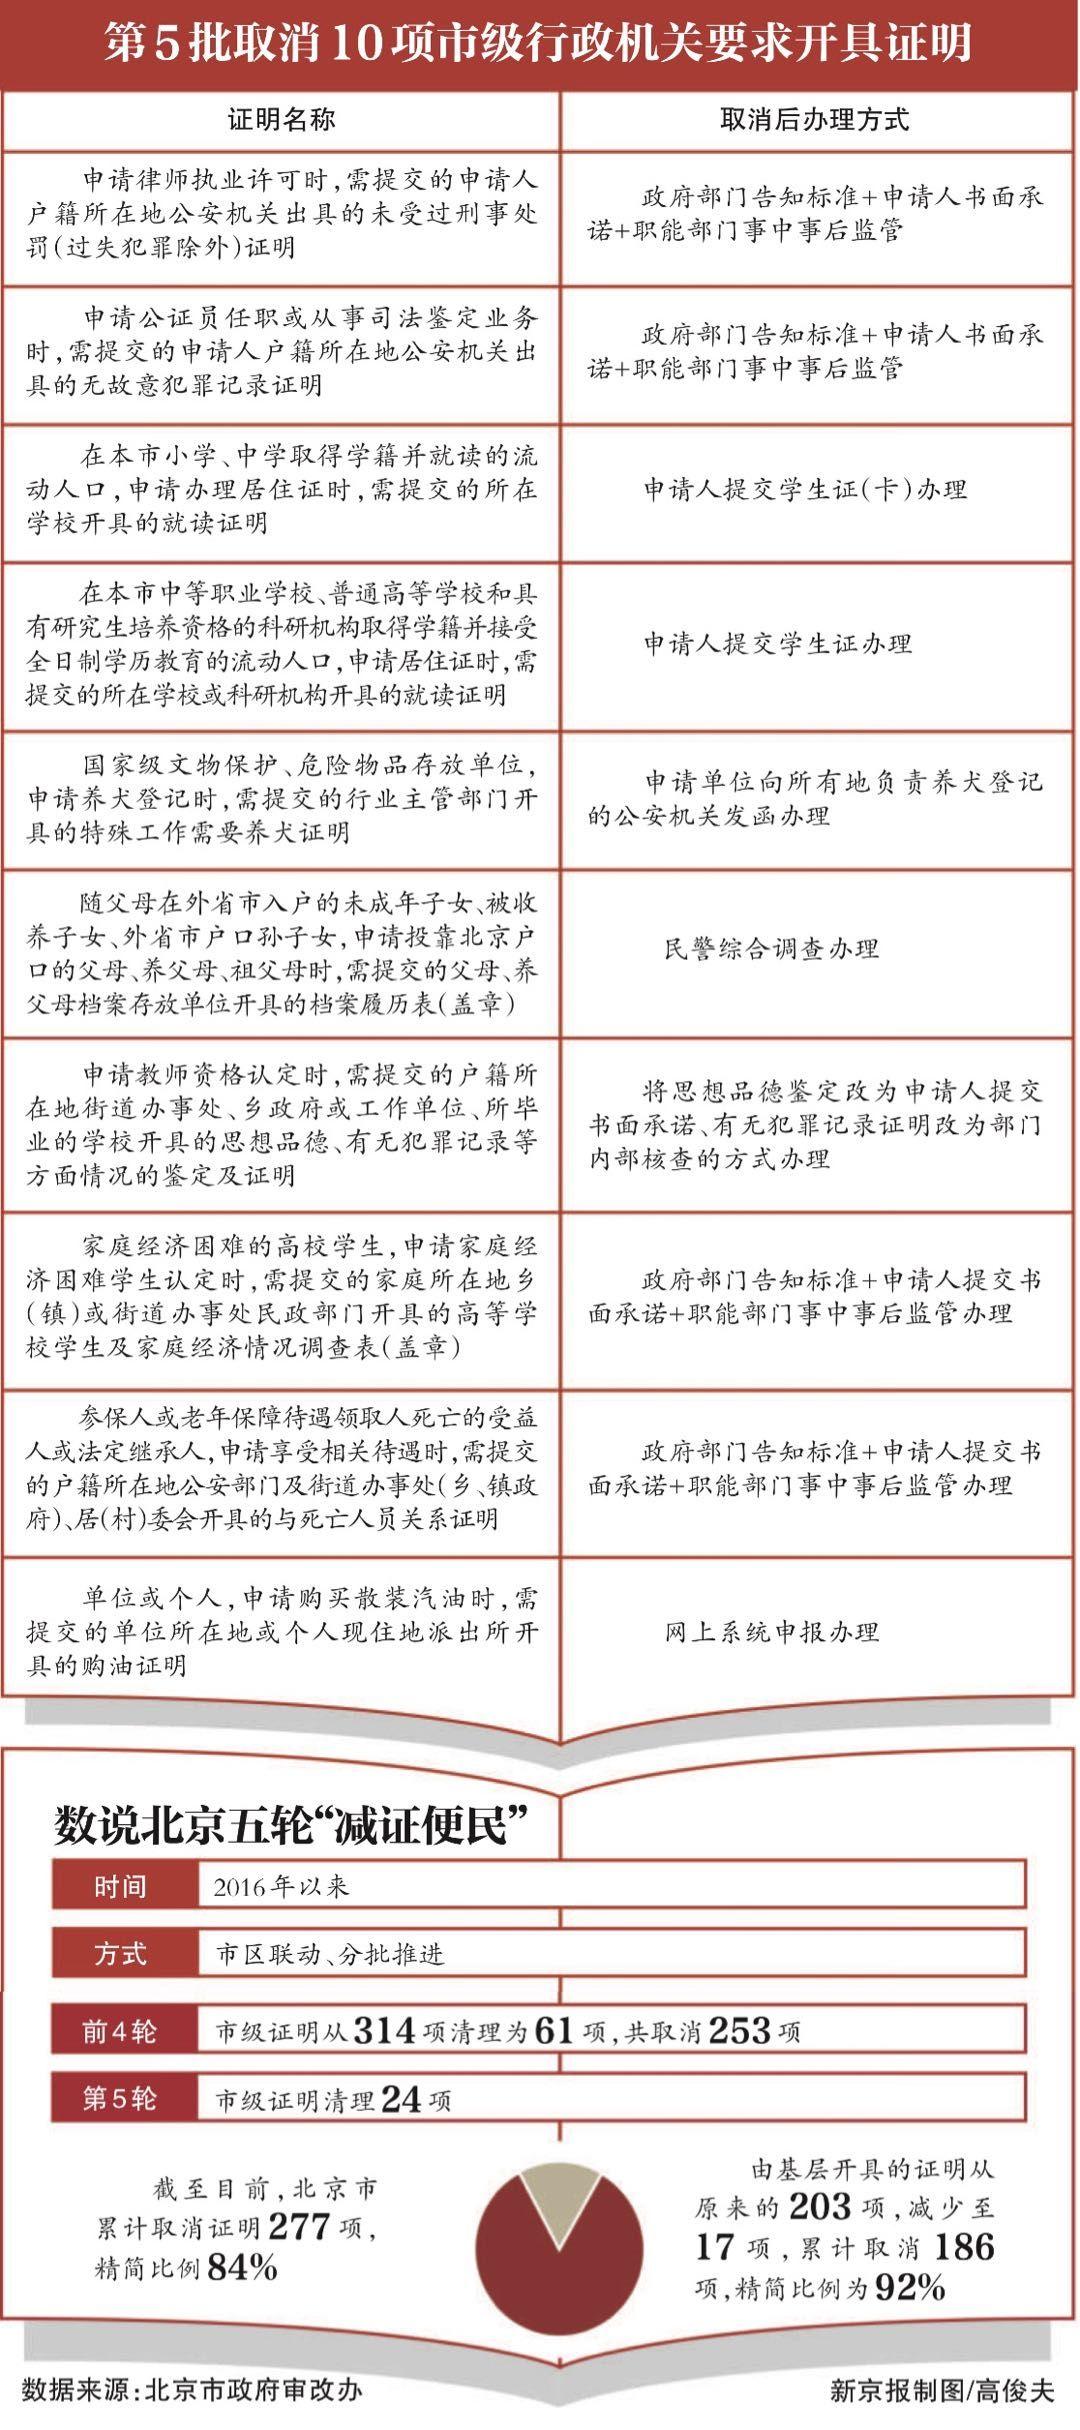 北京住宅土地新规超过百万网友参与讨论了这件事情